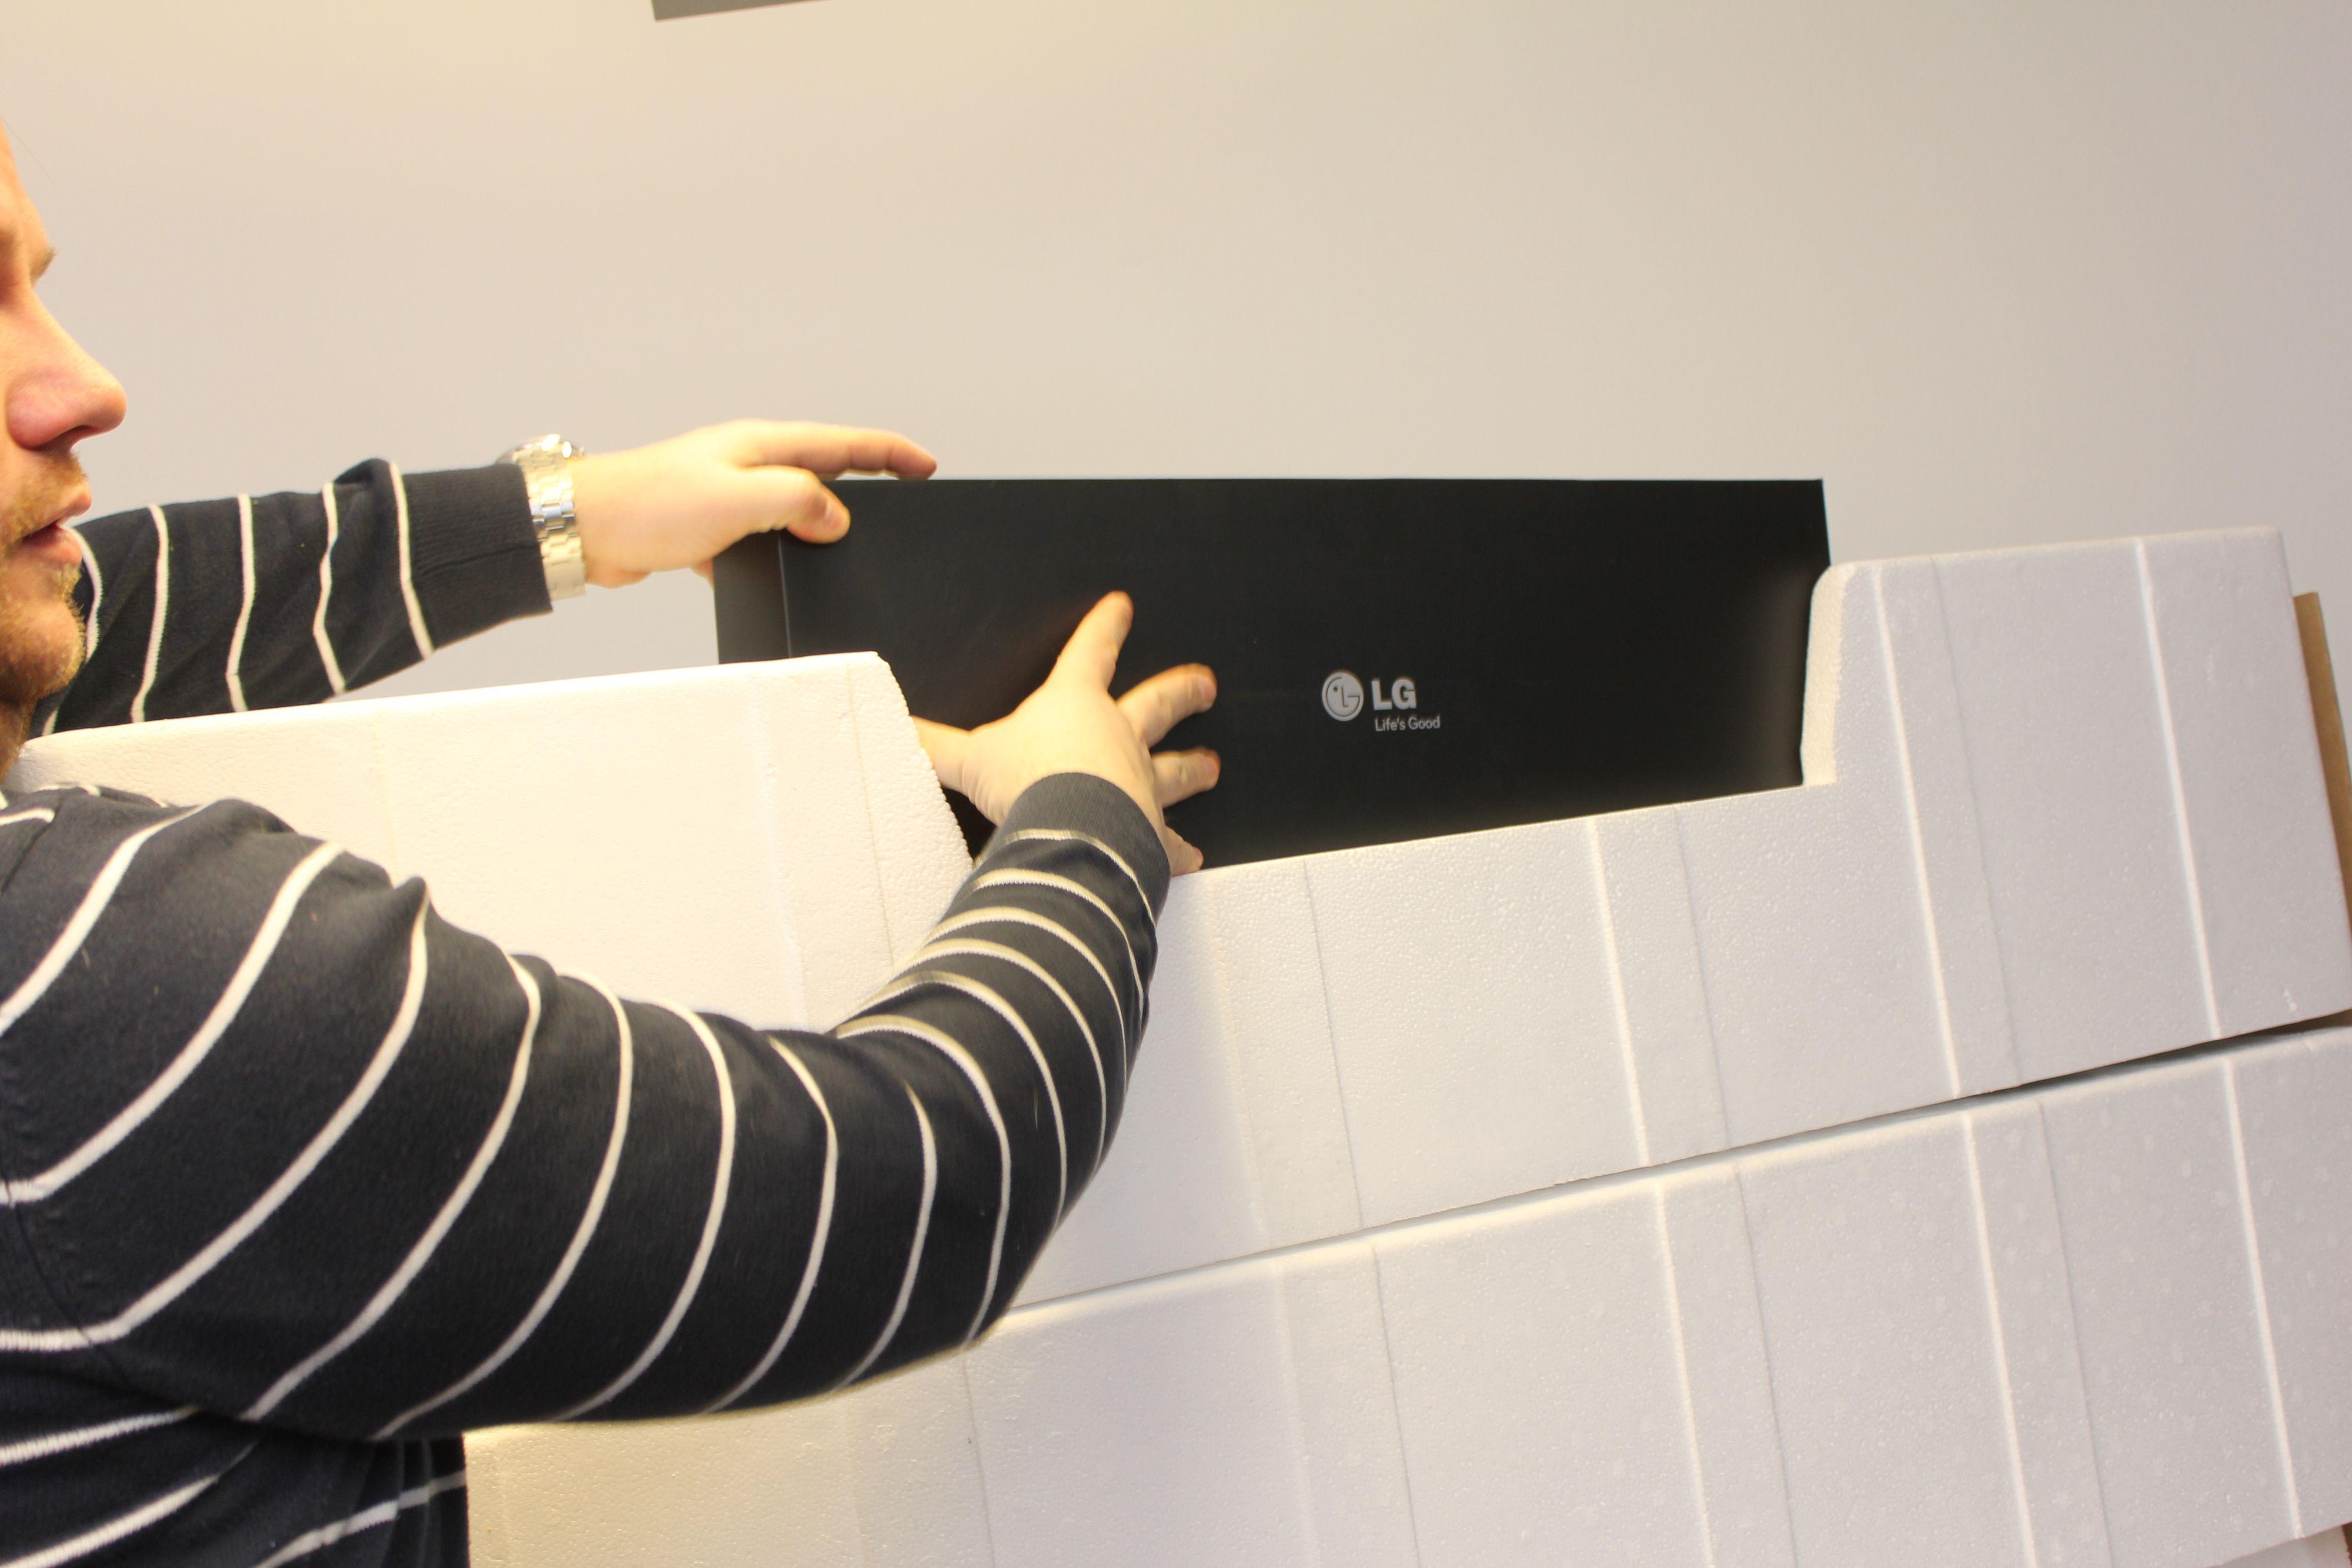 I den øverste av i alt tre deler med isopor, finner vi en stor sort eske med tilbehøret til LGs 55EA980W. (Foto: Jørgen Elton Nilsen / Hardware.no)